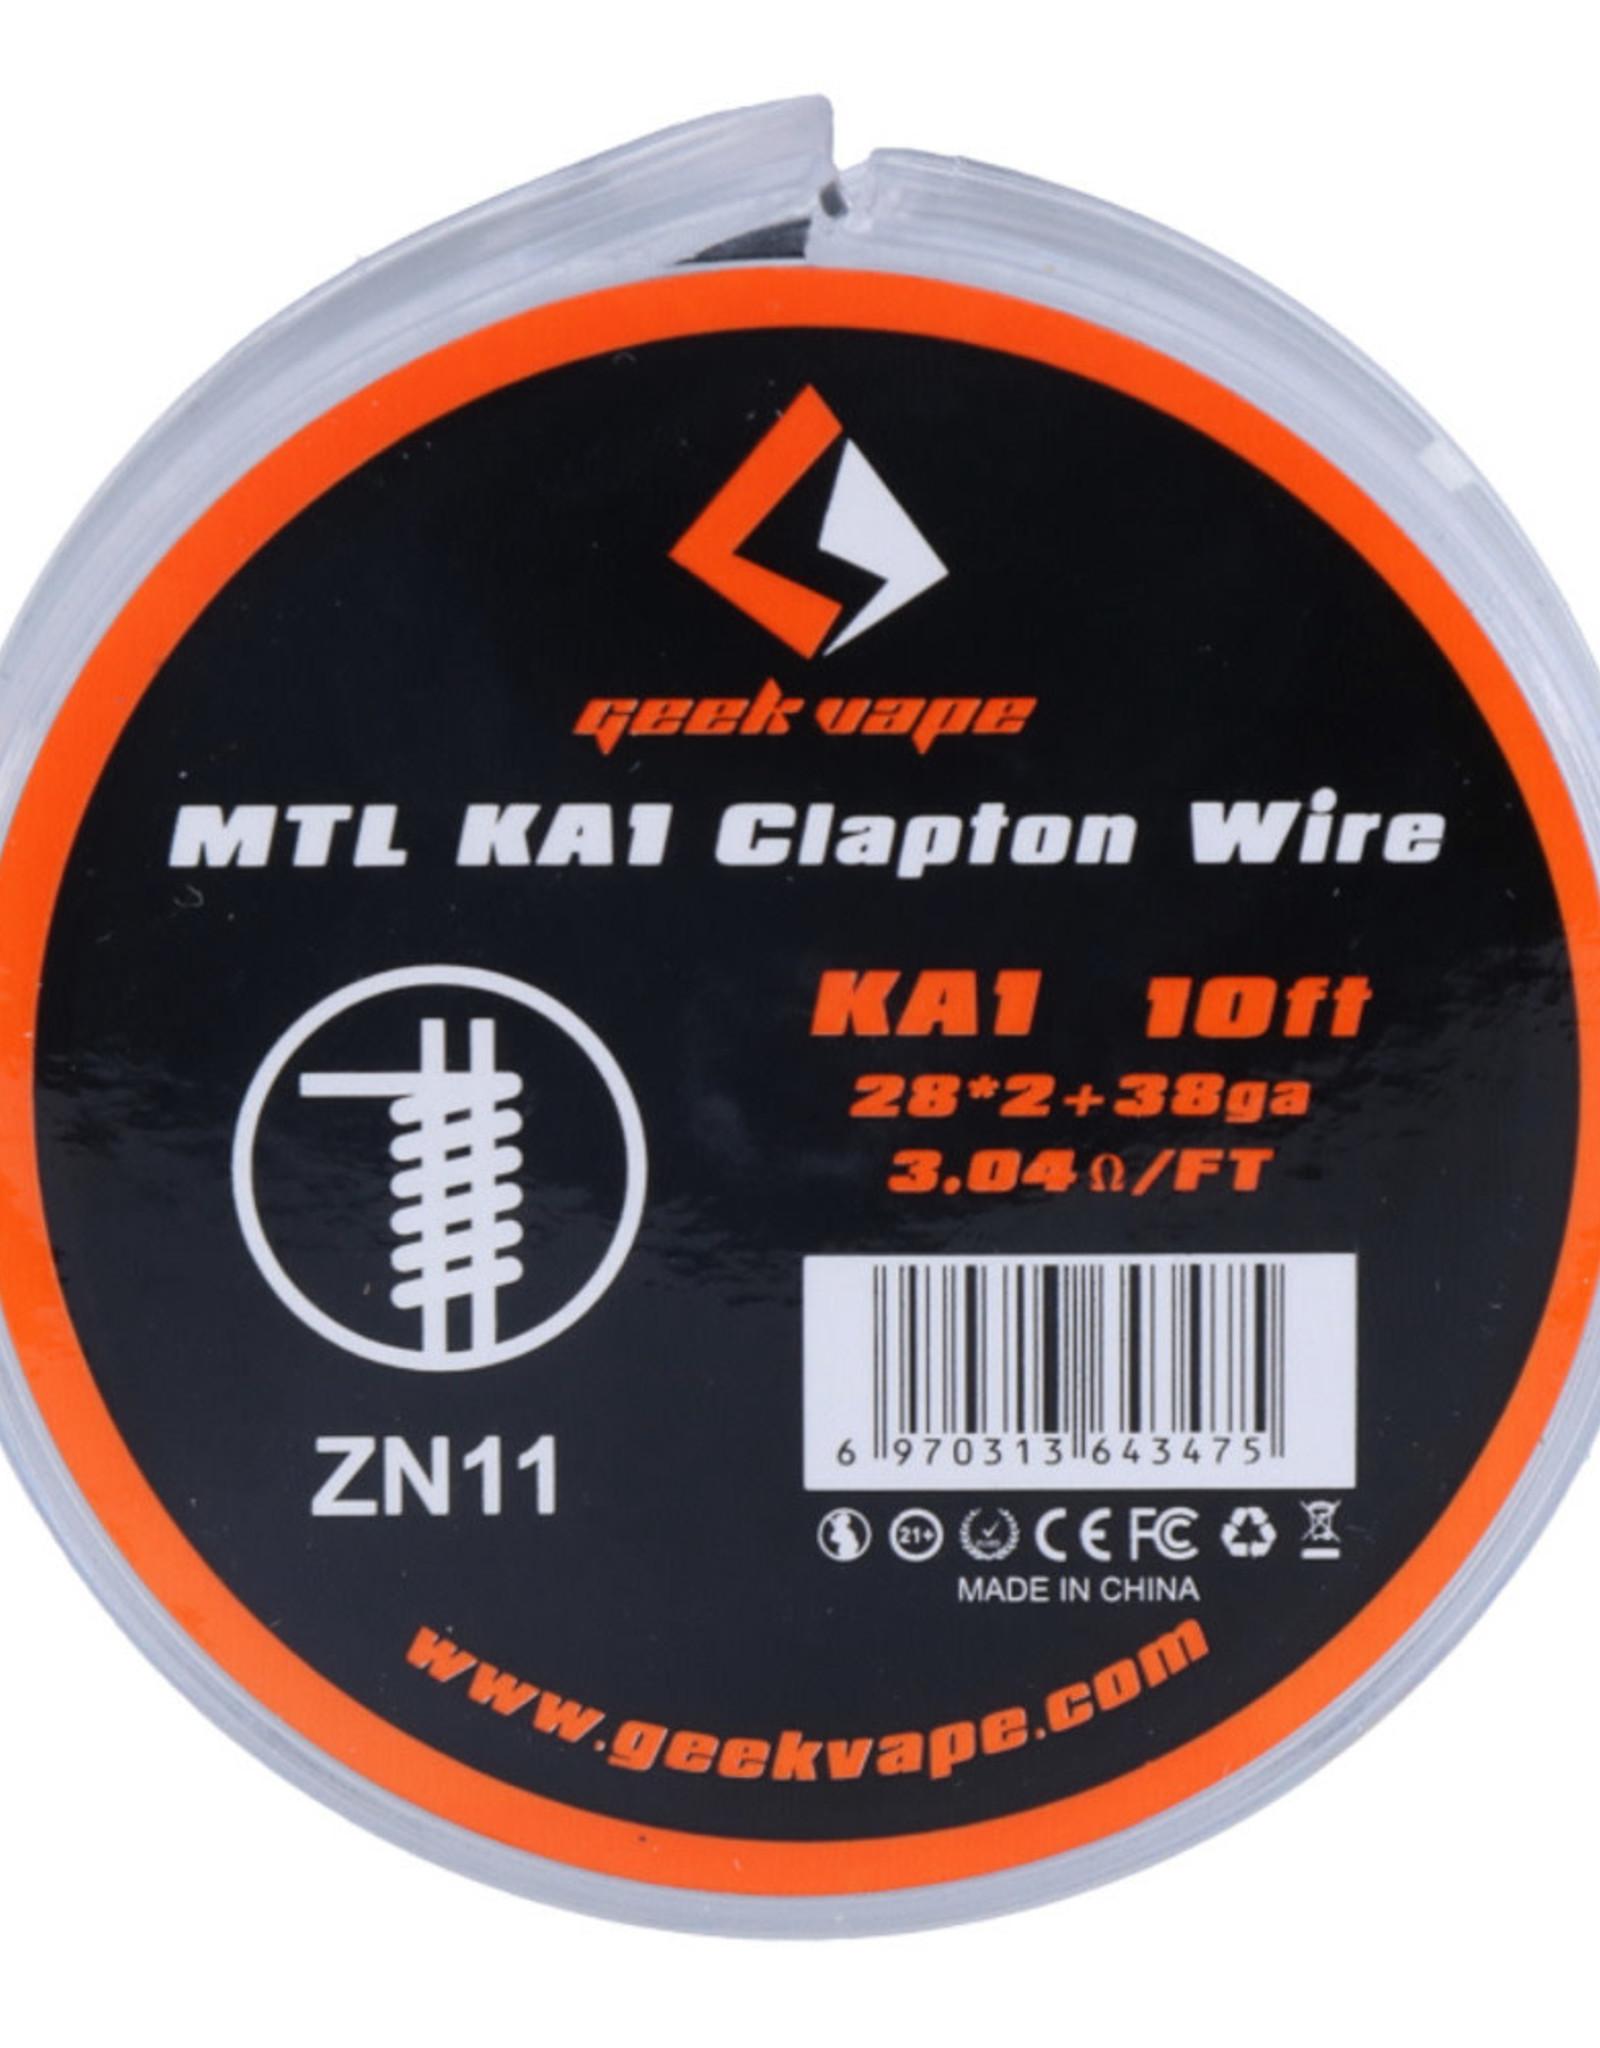 Geek Vape Geek Vape MTL KA1 Clapton Wire (ZN11)